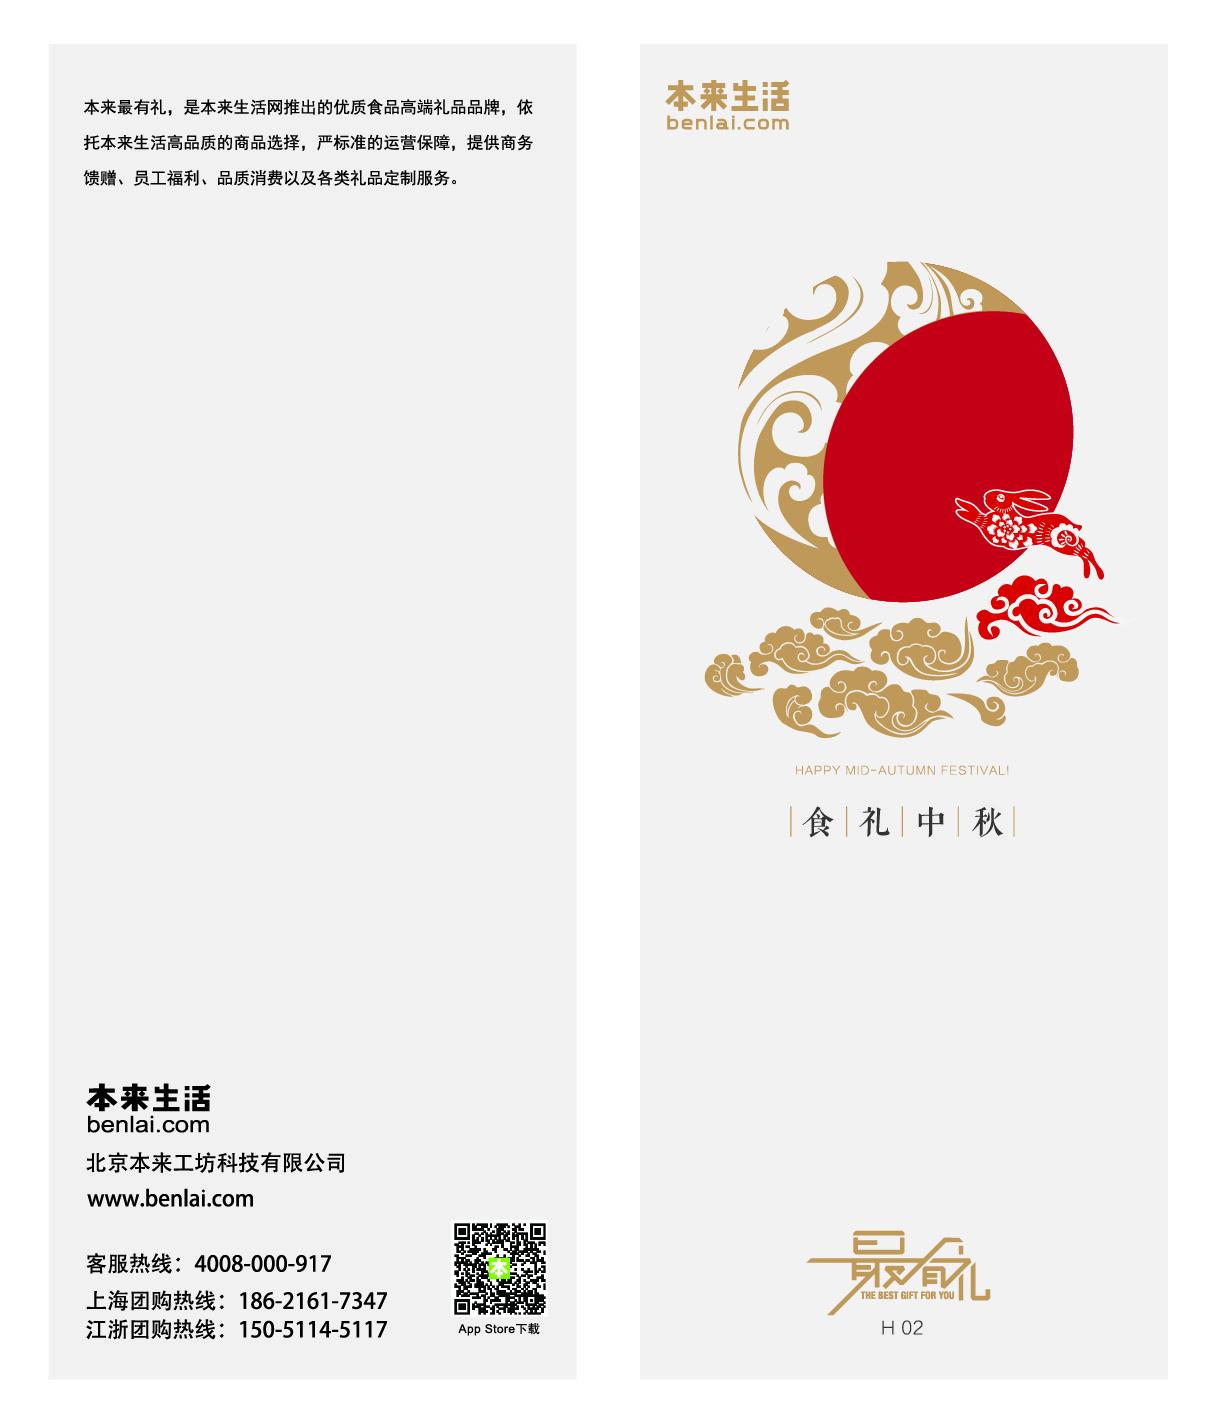 中秋華東-H02